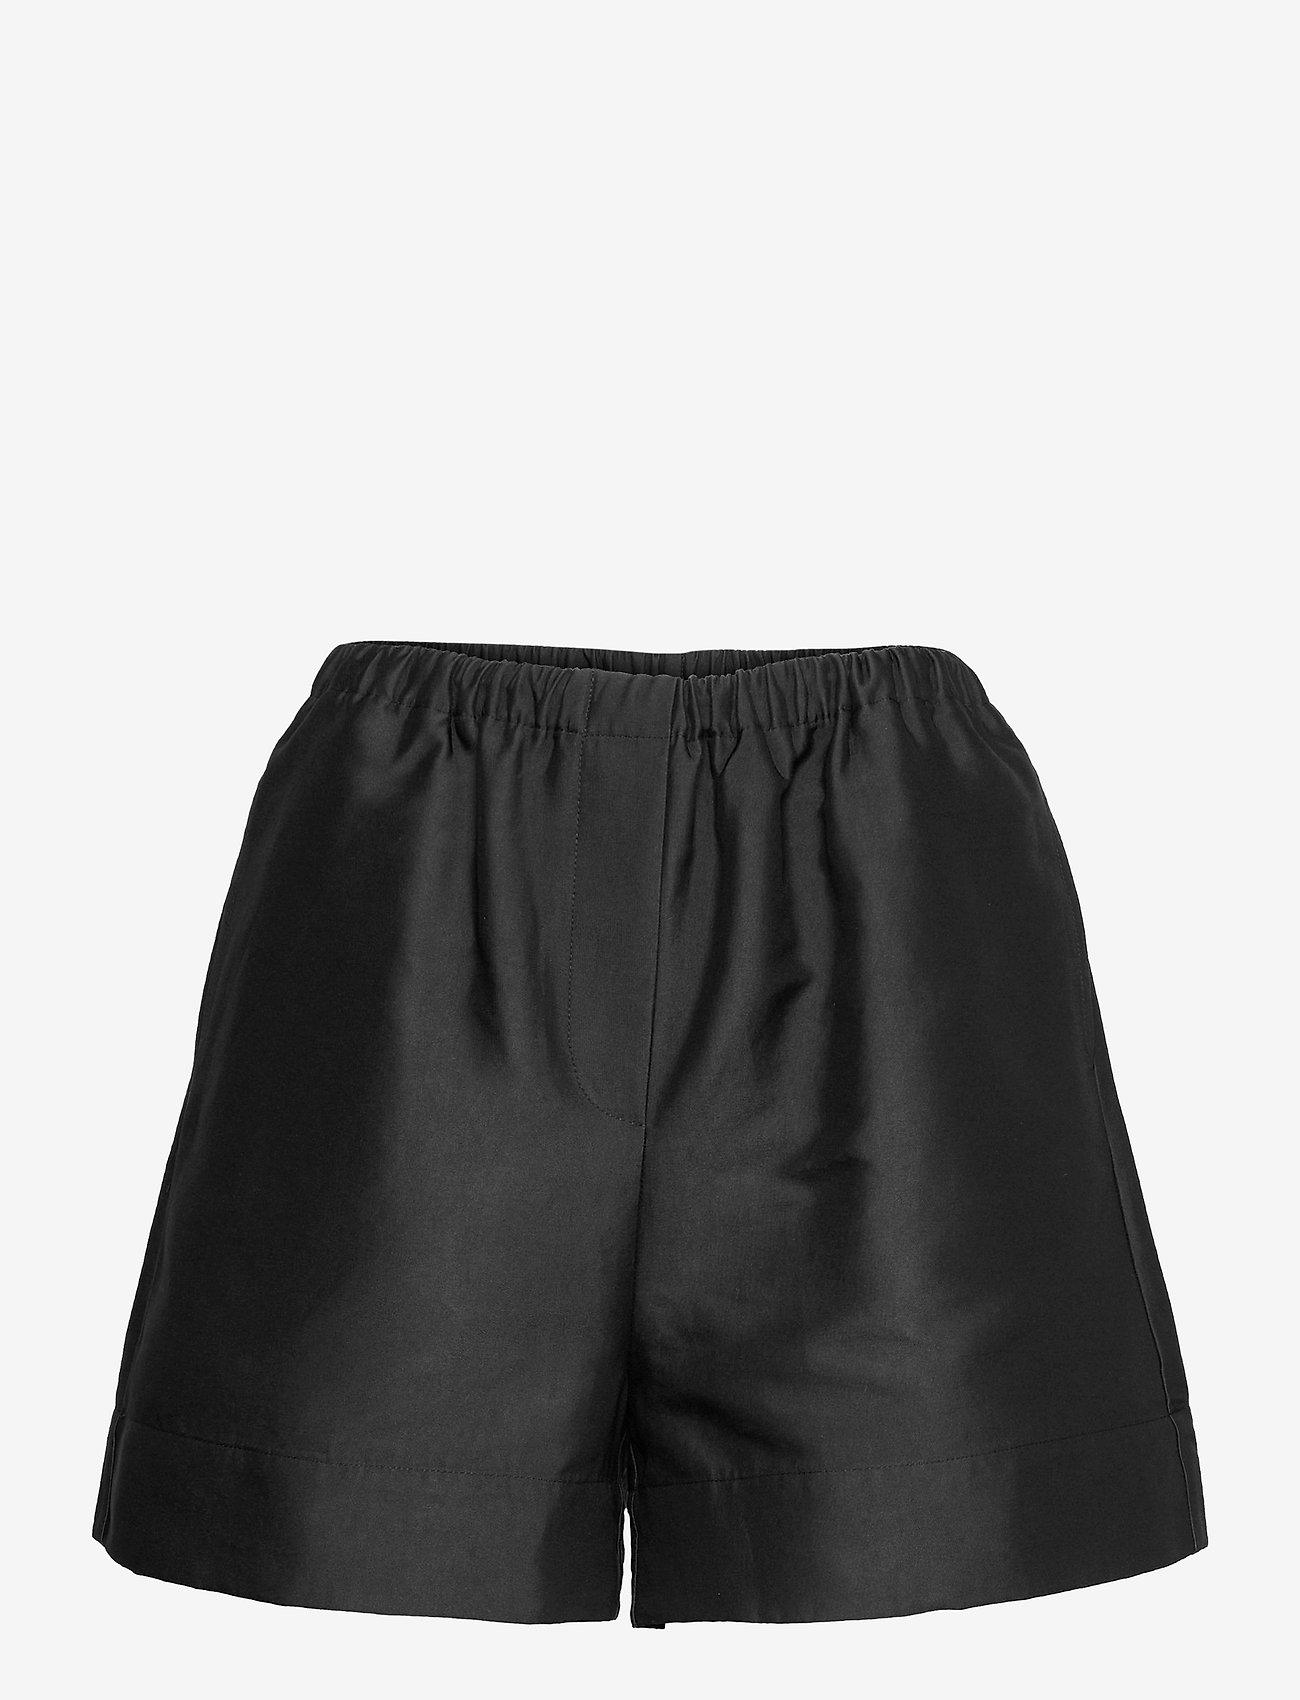 Samsøe Samsøe - Laury shorts 14208 - shorts casual - black - 0